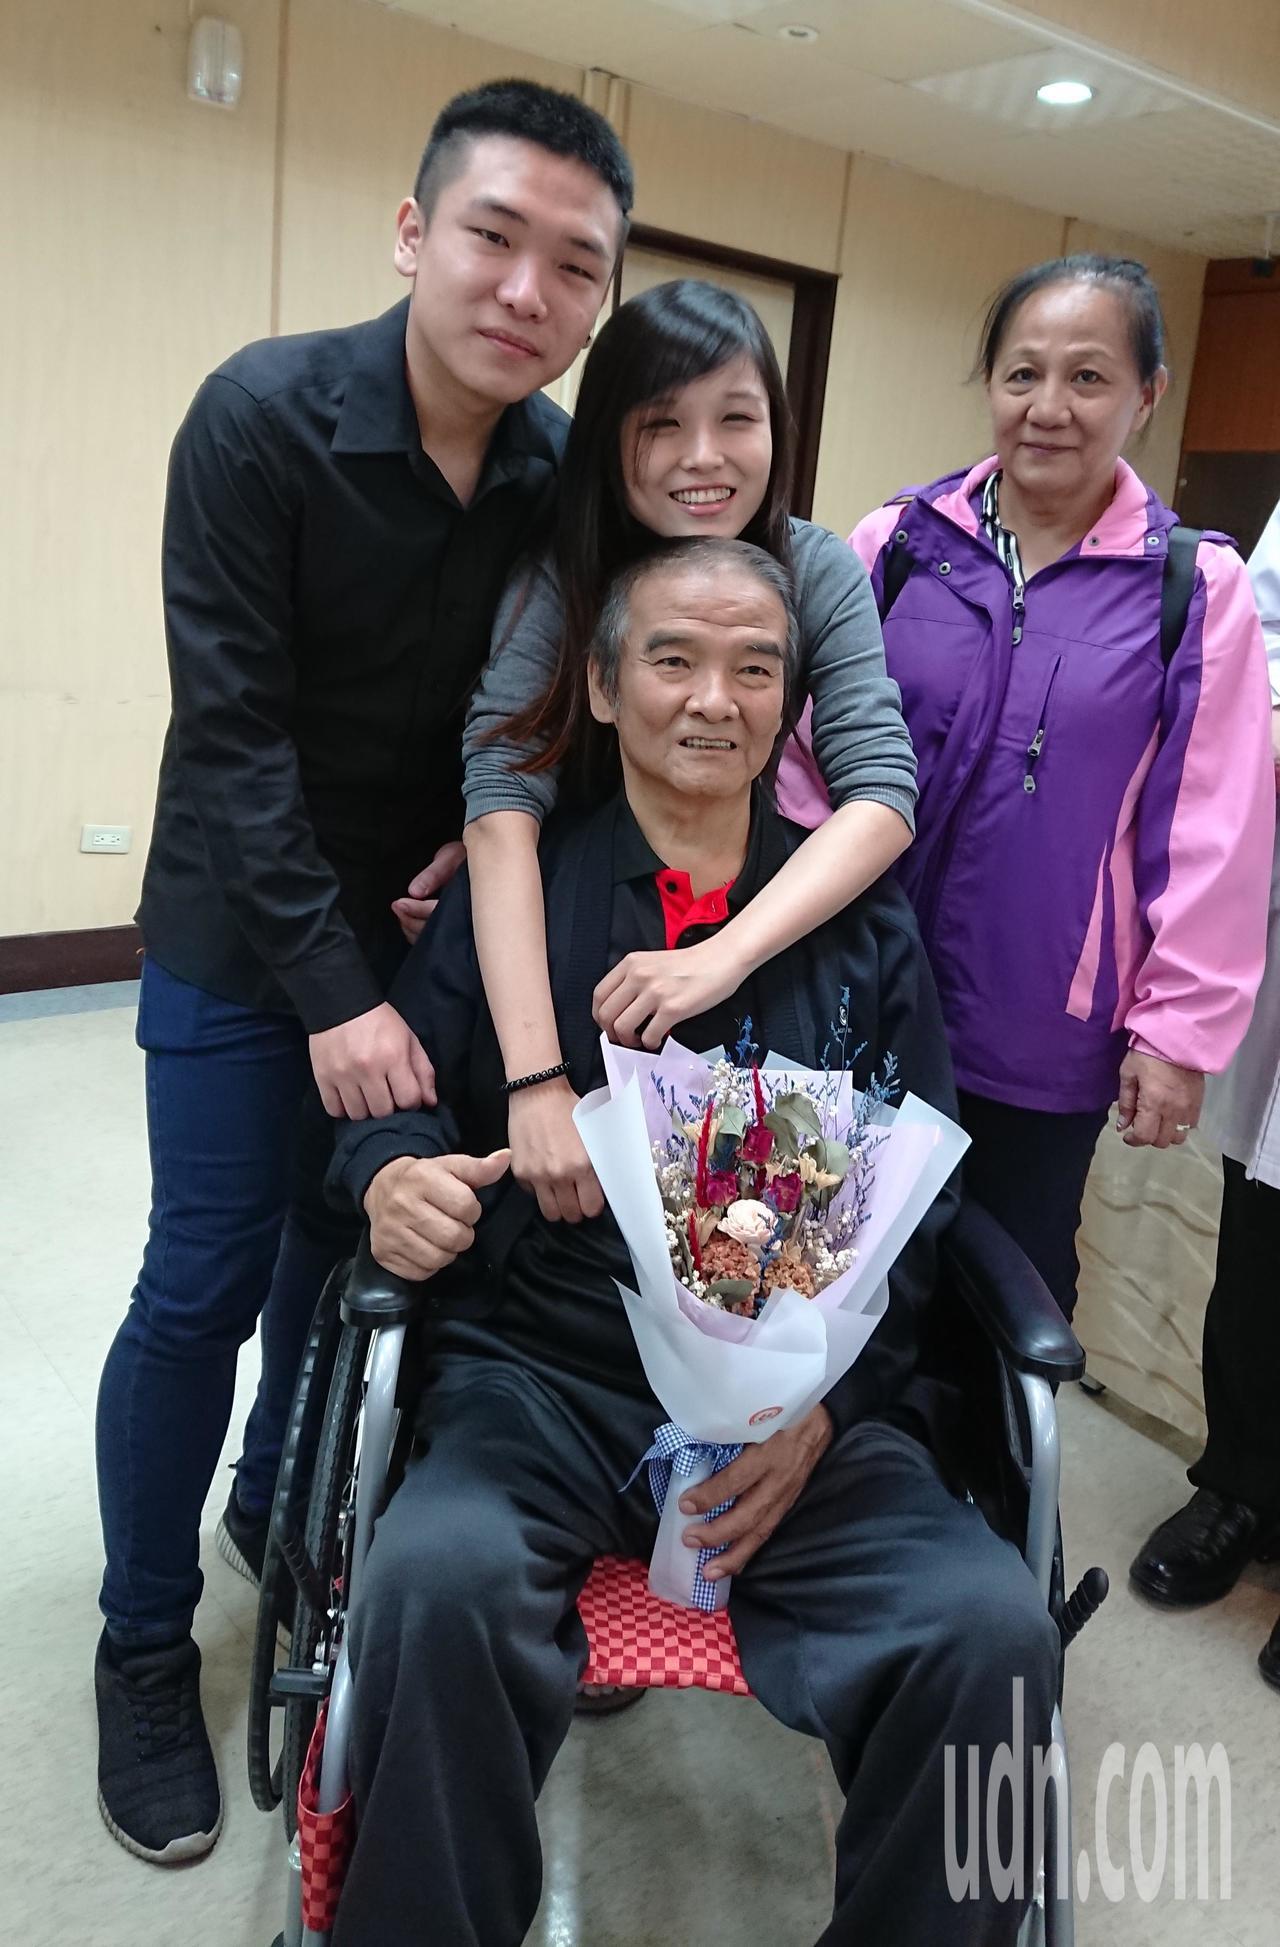 64歲的撒先生(坐輪椅者)2年來三度心肌梗塞發作入院,但心導管術後仍反覆休克,有...